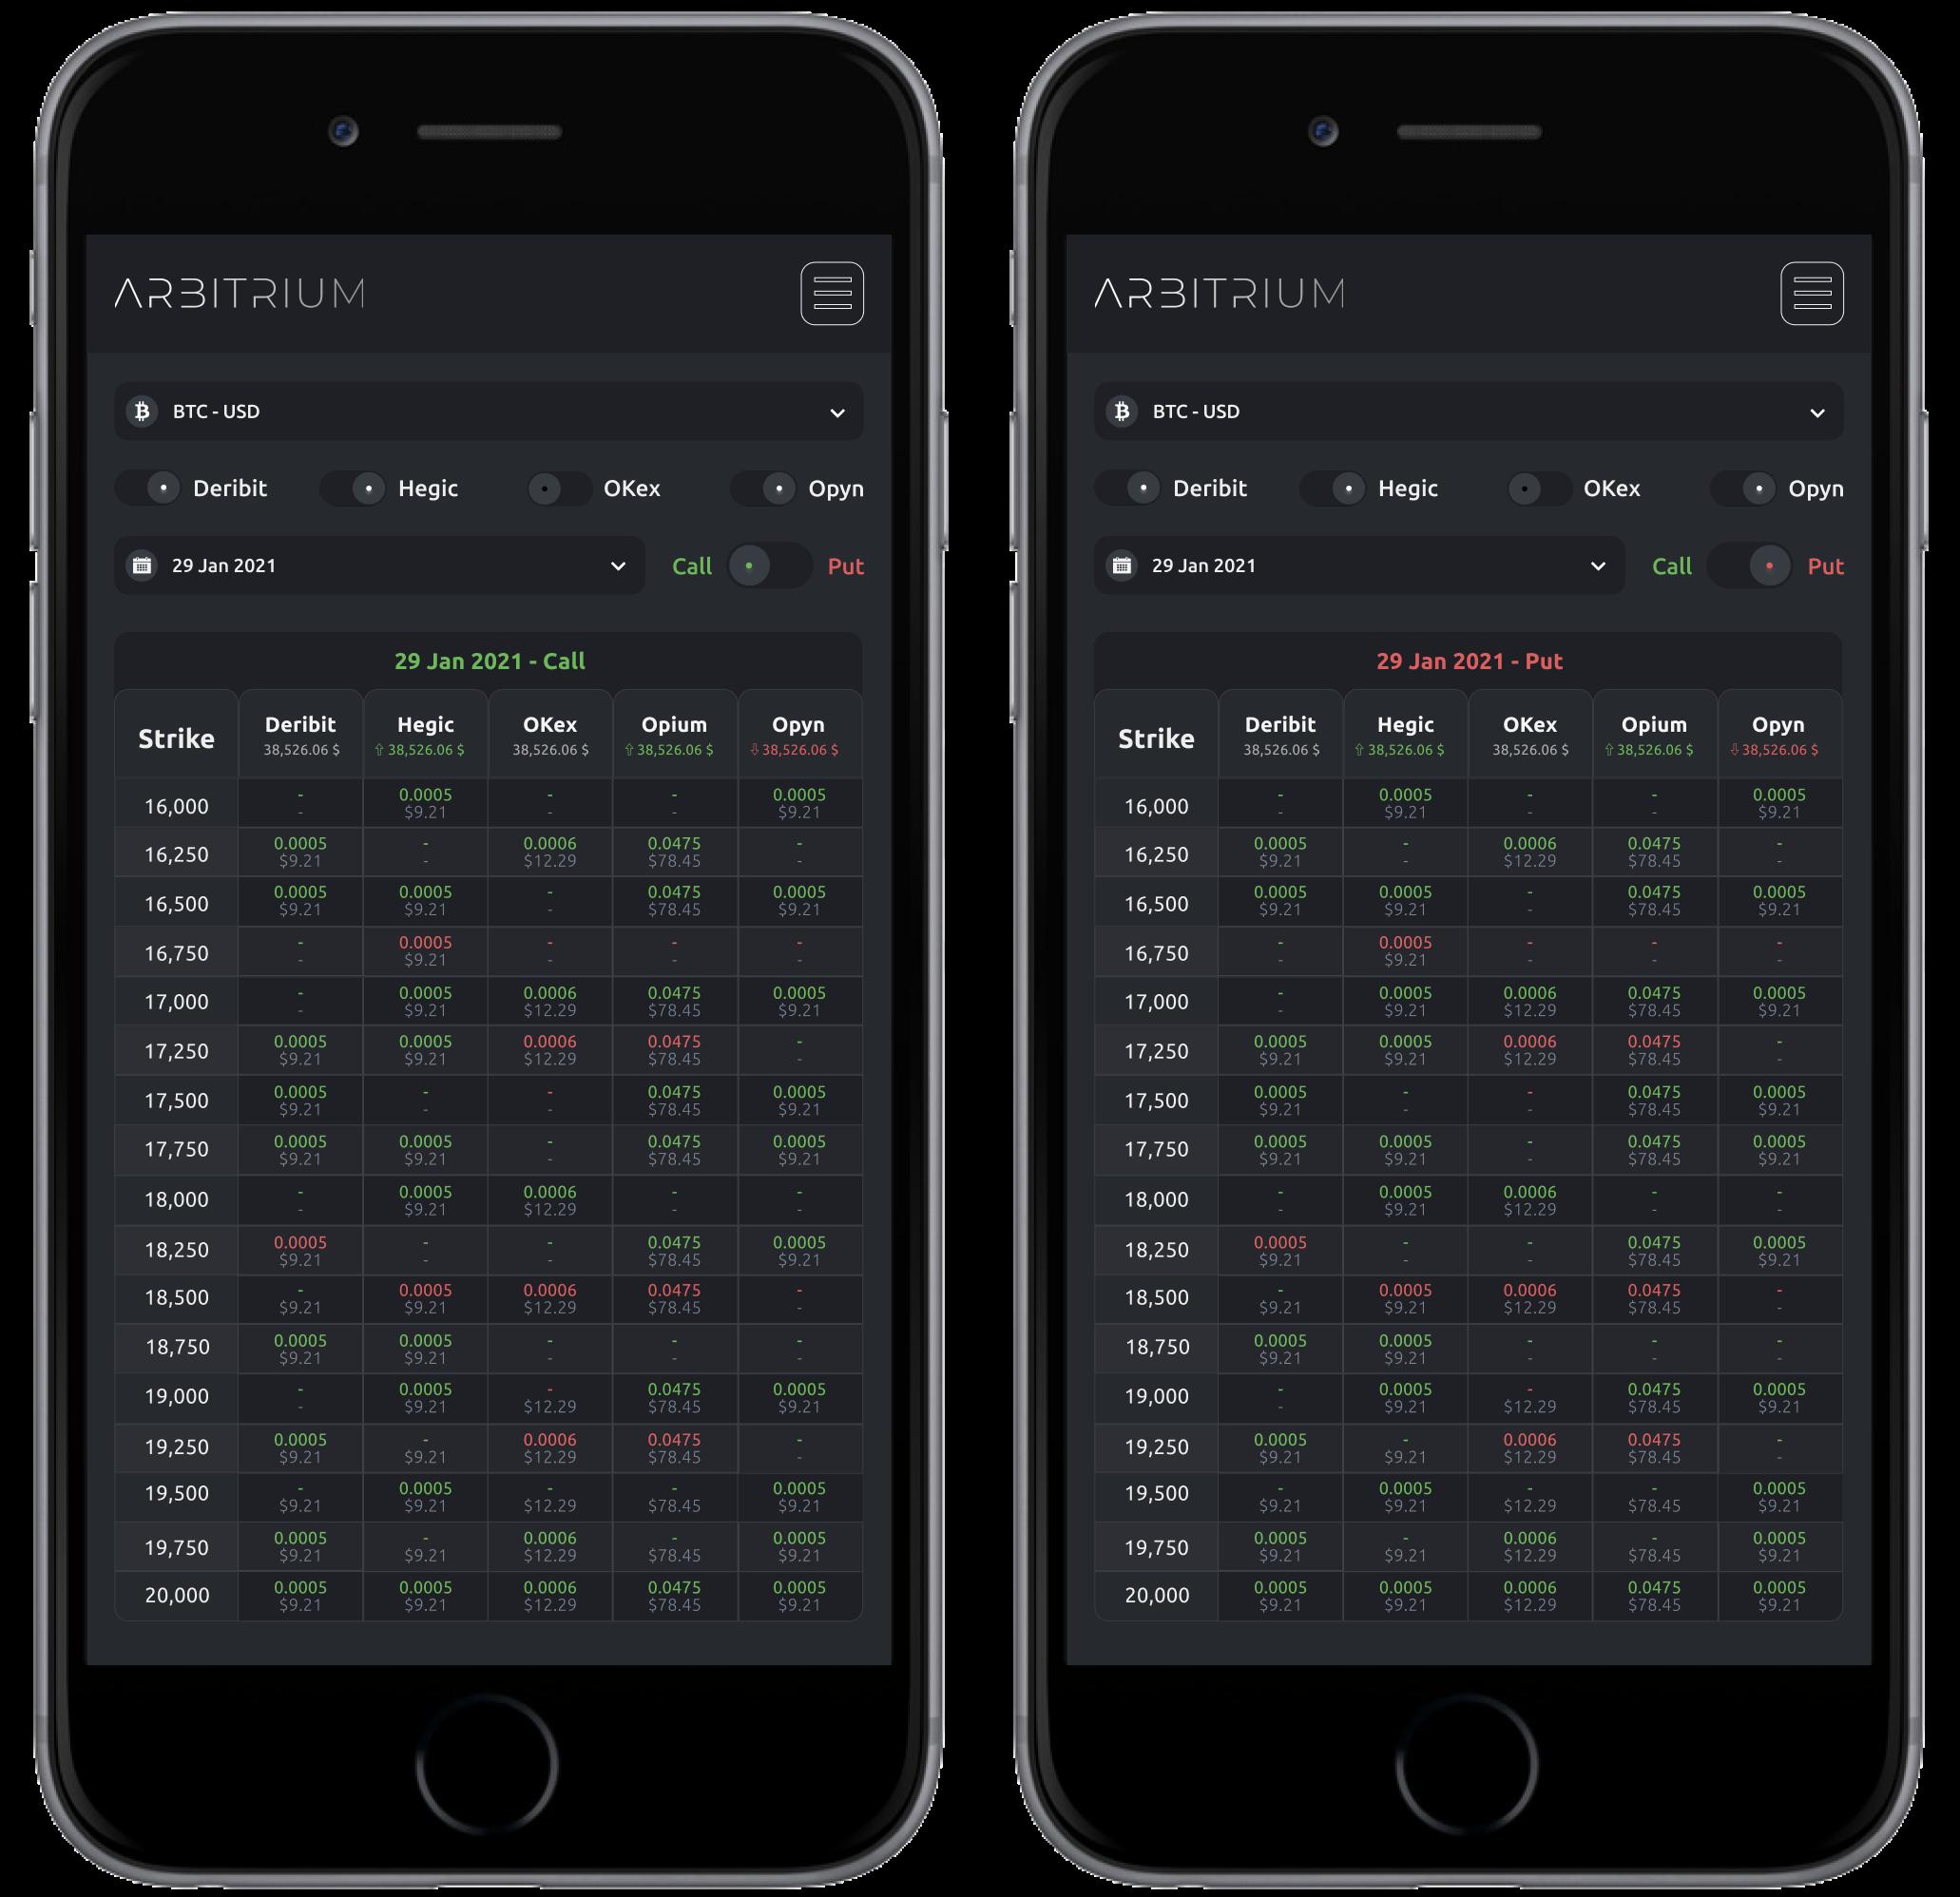 Arbitrium - Options Price Comparison showcase